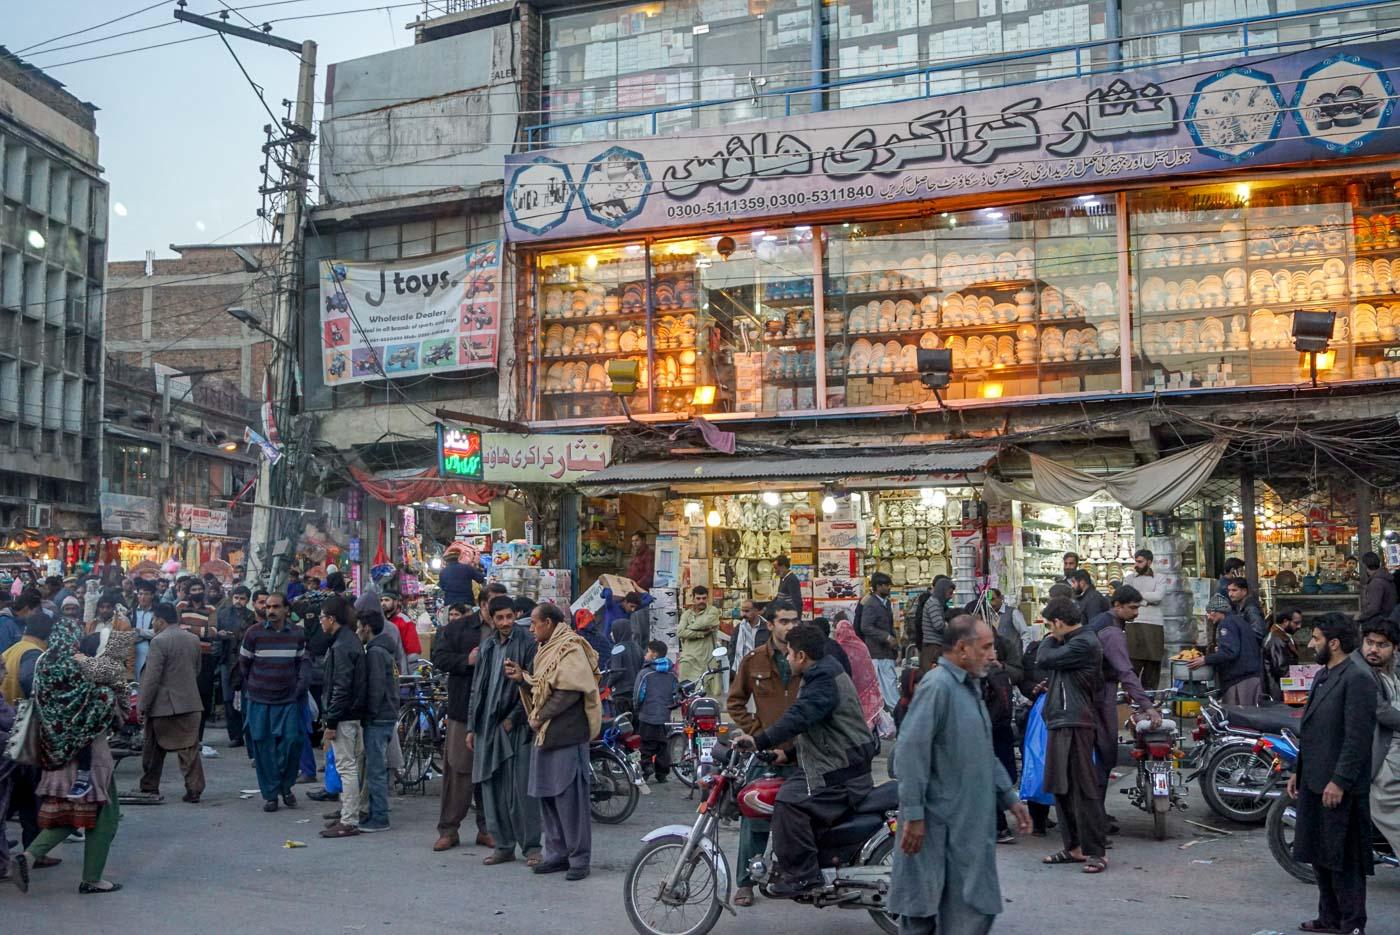 Zu sehen ist das chaotische treiben auf den Straßen von Rawalpindi. im Vordergrund sind hauptsächlich jede Menge Männer zu sehen die sich unterhalten. Im Hintergrund erhebt sich ein großes Geschäft mit zwei Stockwerken in denen Porzellan Ware im Schaufenster zu sehen sind.